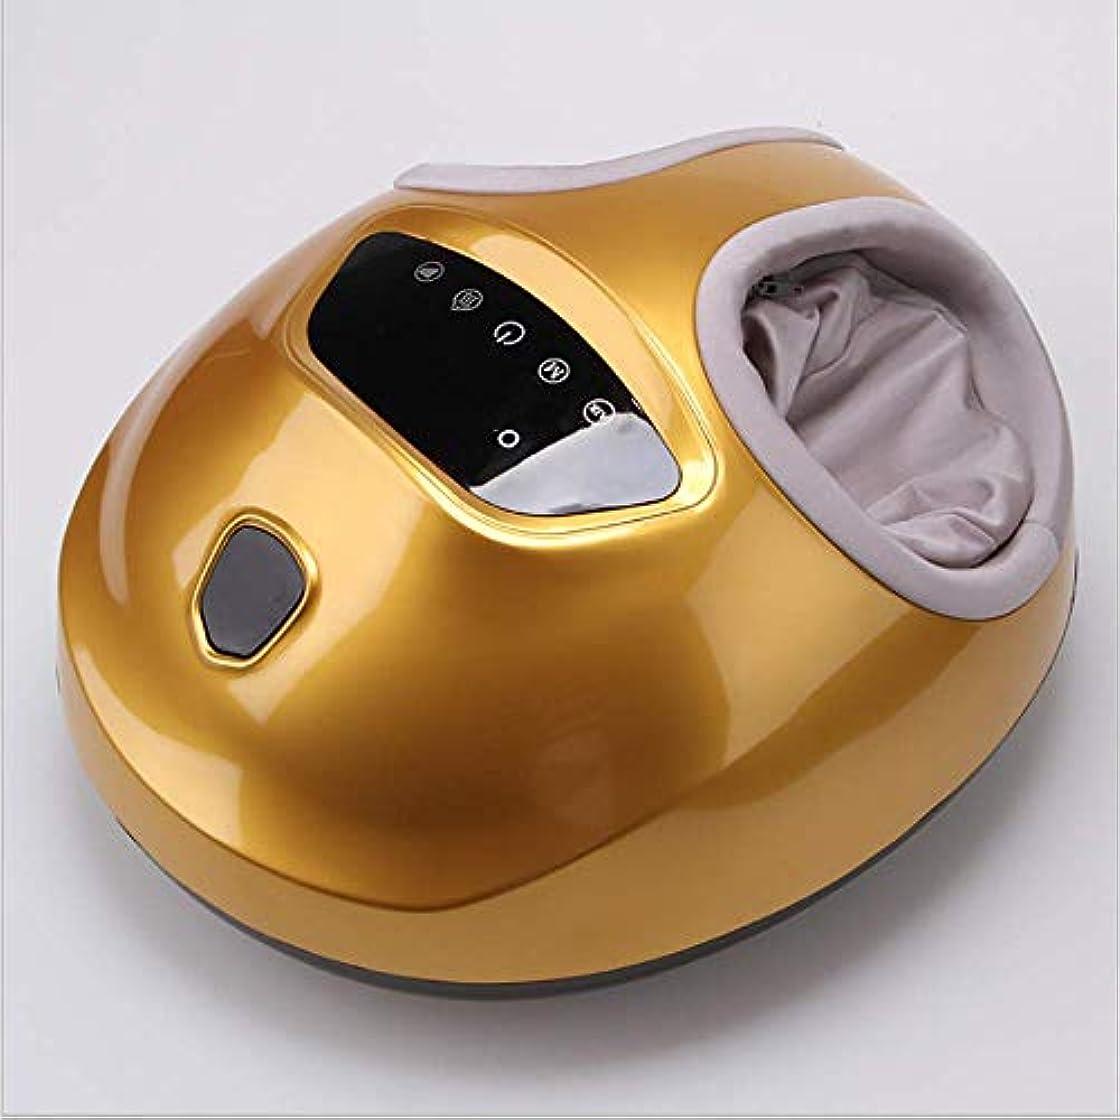 巨大無効にする渇き電動足裏マッサージ器は、足底筋膜炎と足の疲れの痛みを和らげるために、なだめるような赤外線加熱と空気圧縮を備えた深く深い混練足マッサージを指します